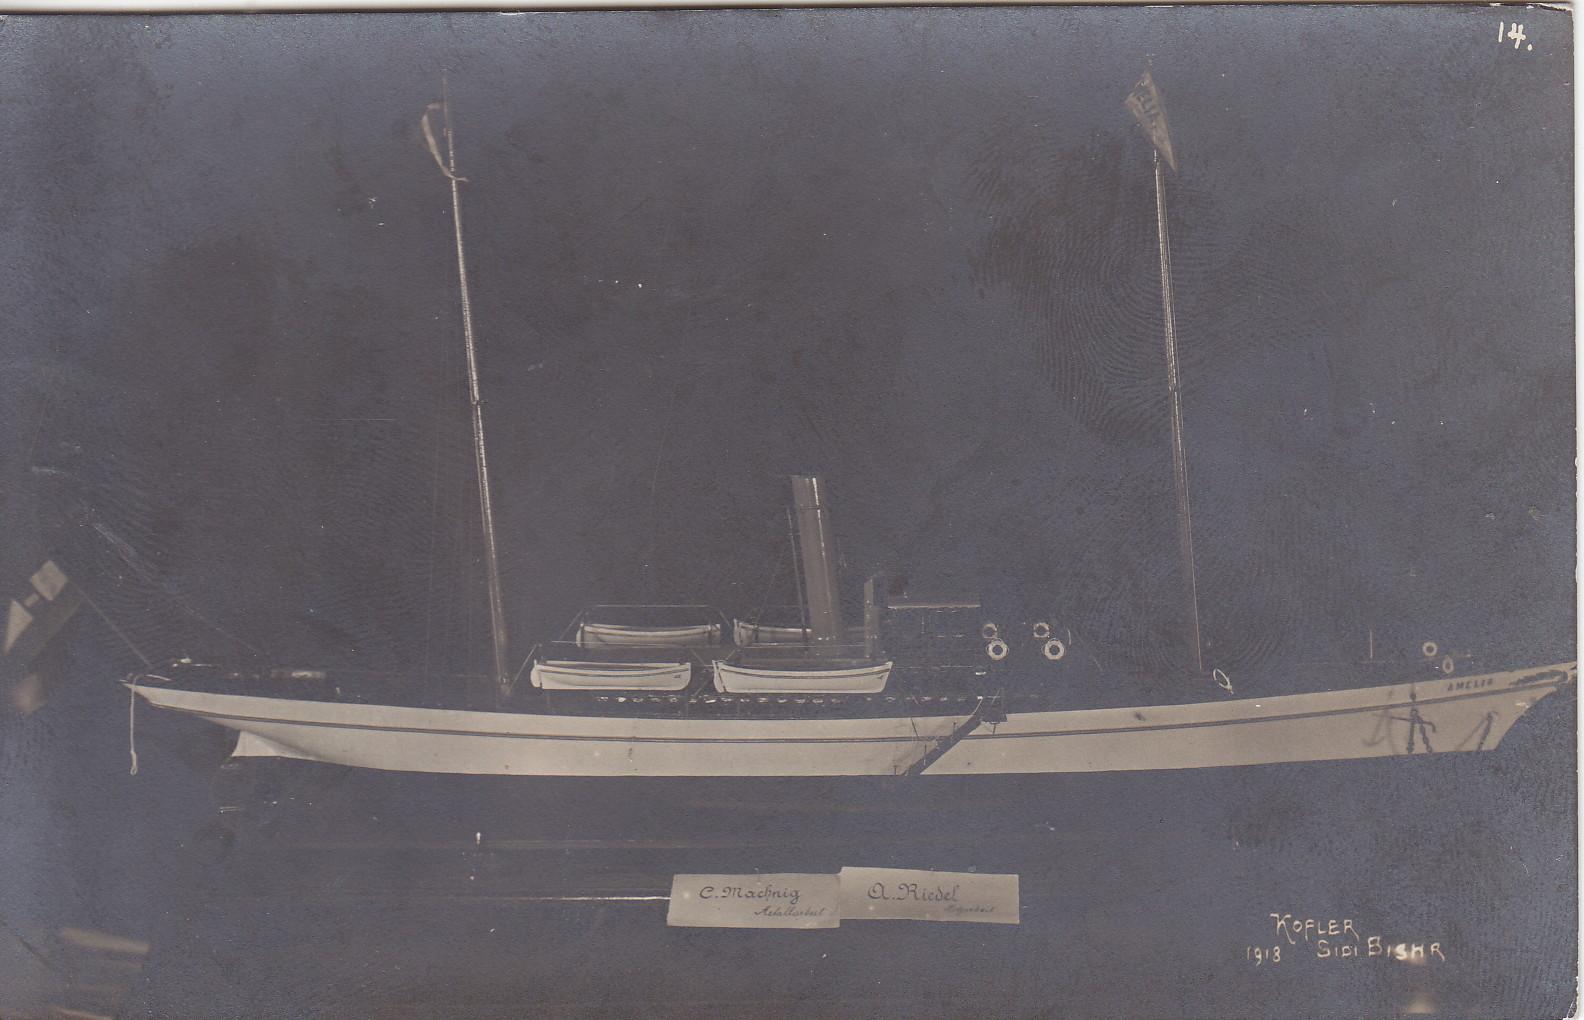 Wettbewerb im Lager Modell von C. Maching und A. Riedel - Aufnahme Kofler 14 1918